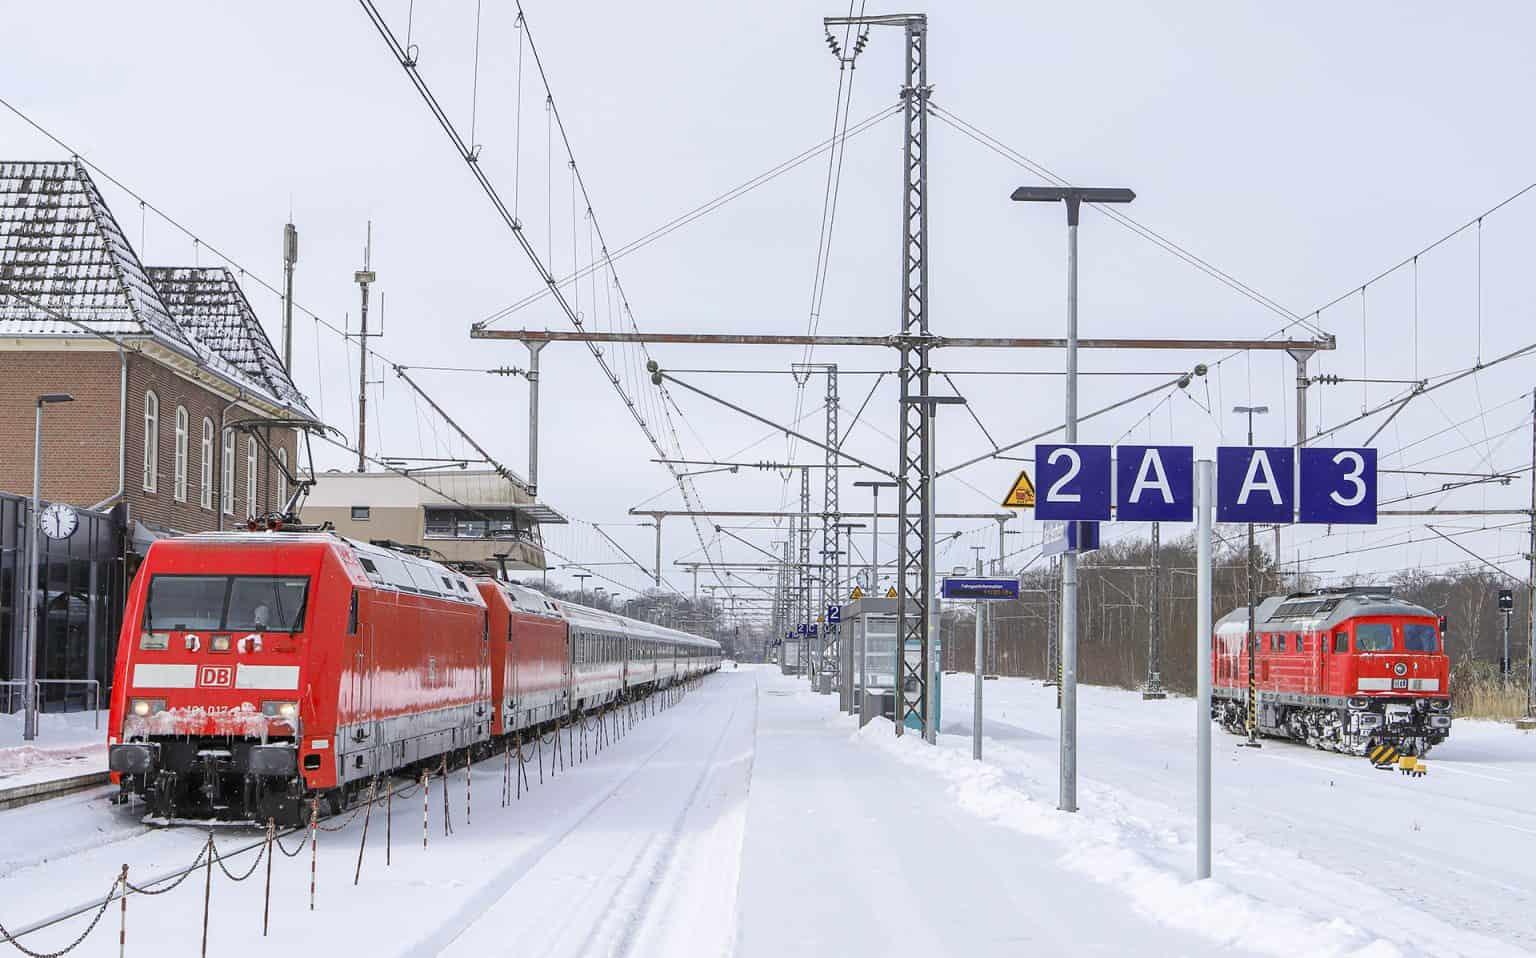 DB 101 017-2 + 101 123-8 met Leerzug 27859 (lege, zaterdag gestrande IC van Bentheim naar Berlijn) gereed voor vertrek in Bad Bentheim, 9 febr 2021.-GF